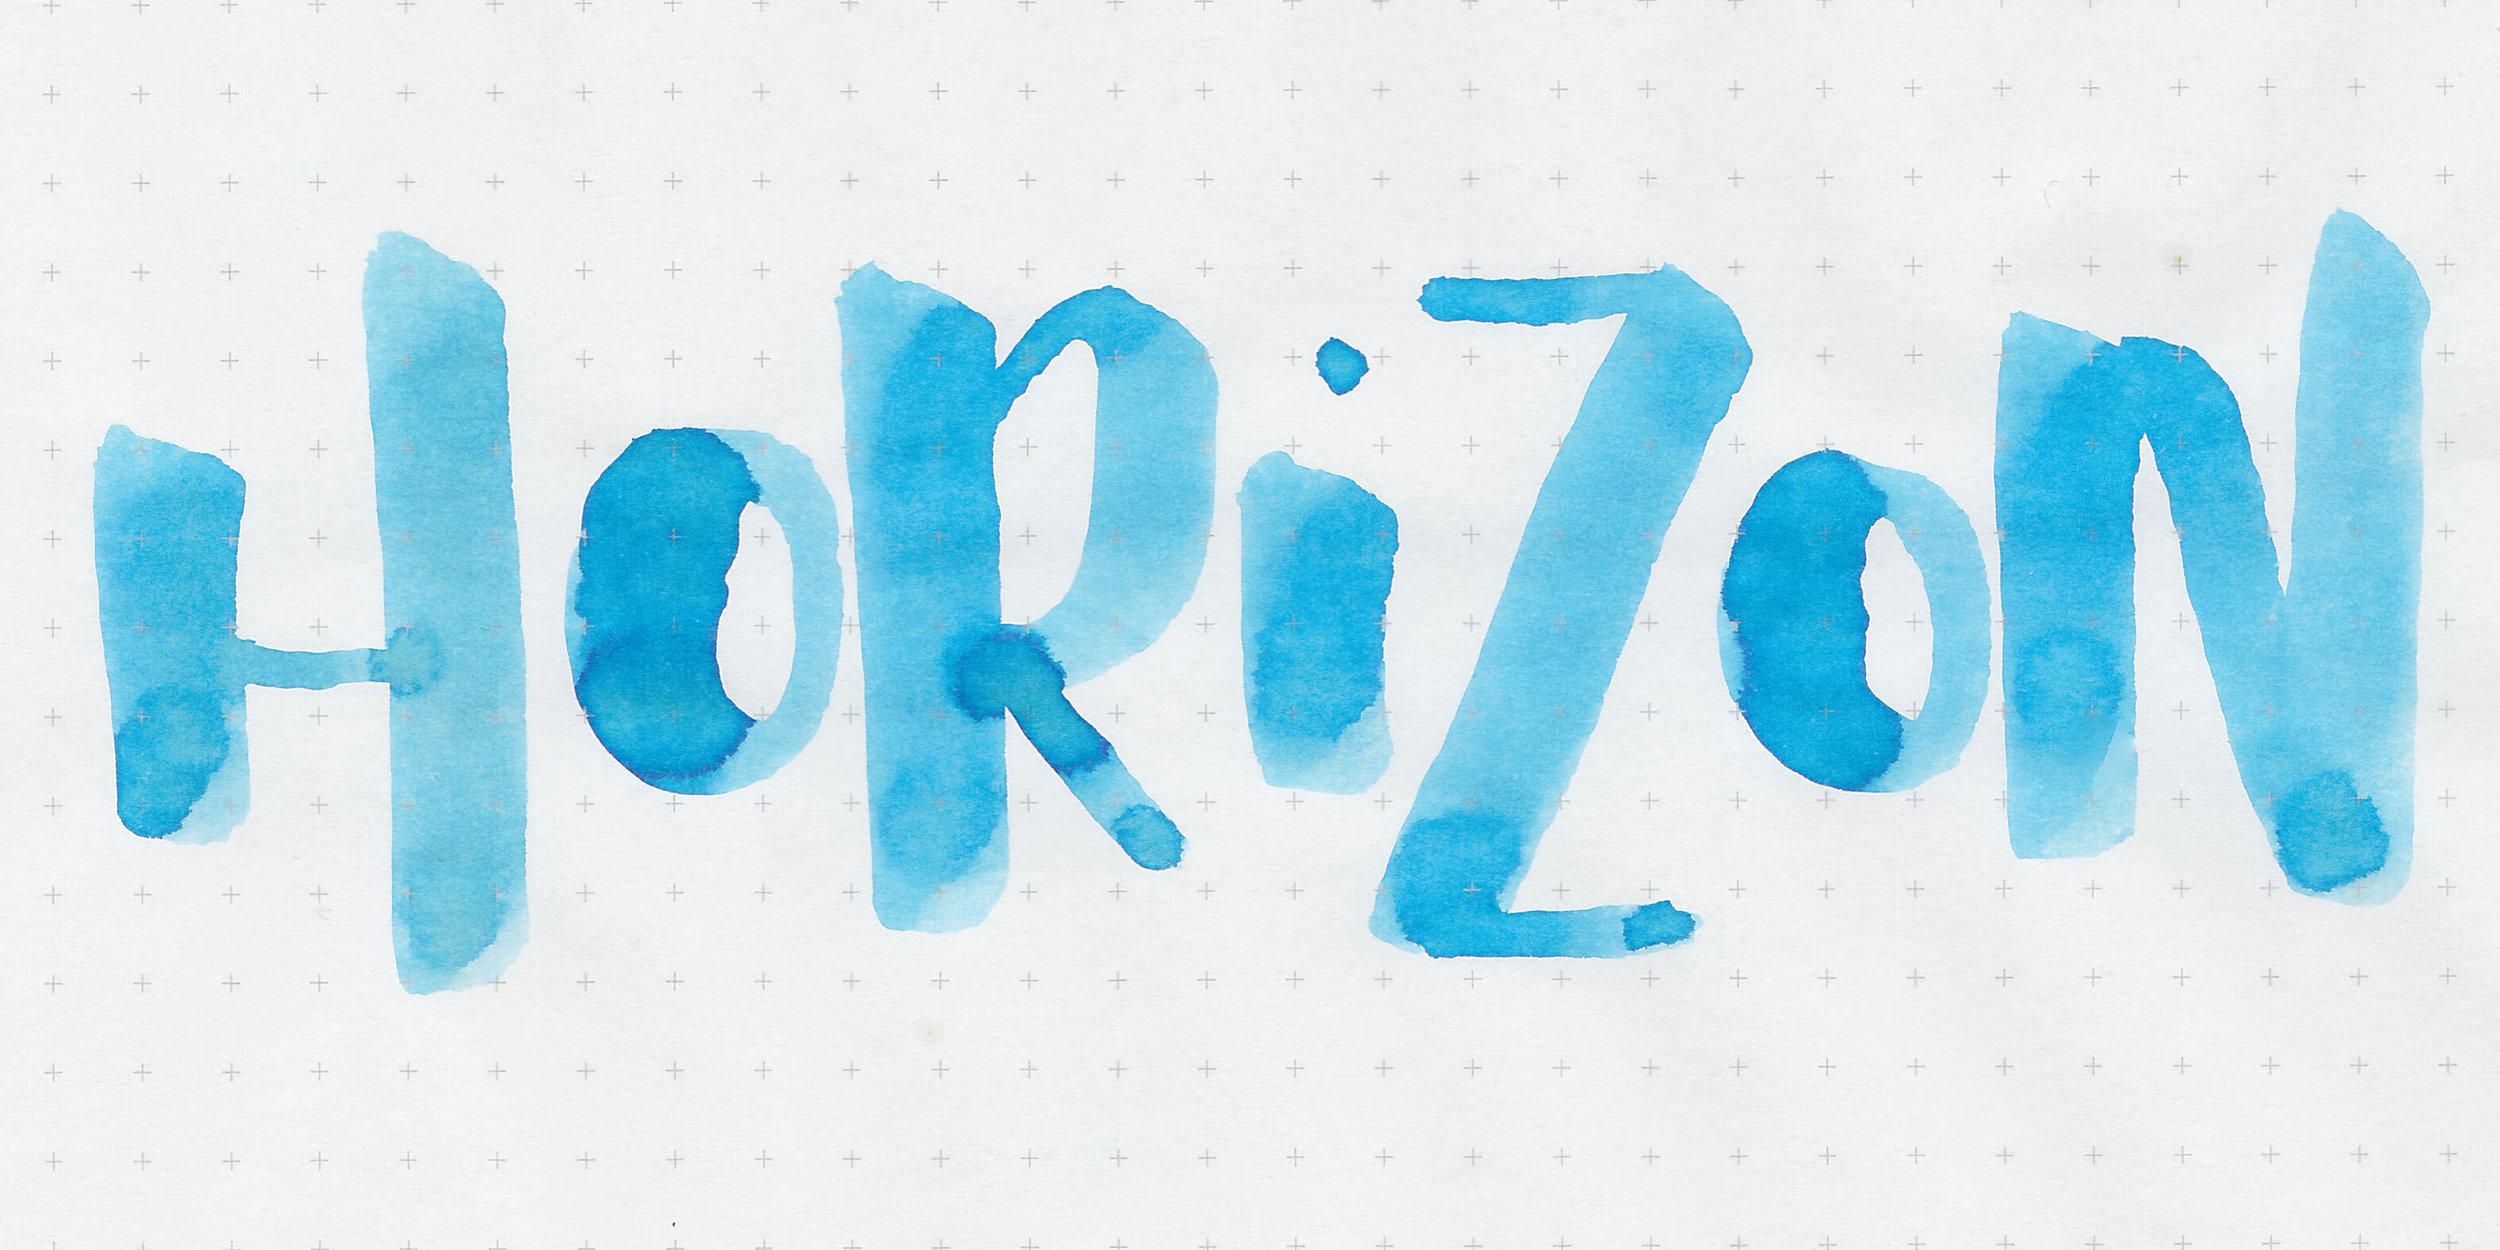 cv-horizon-4.jpg